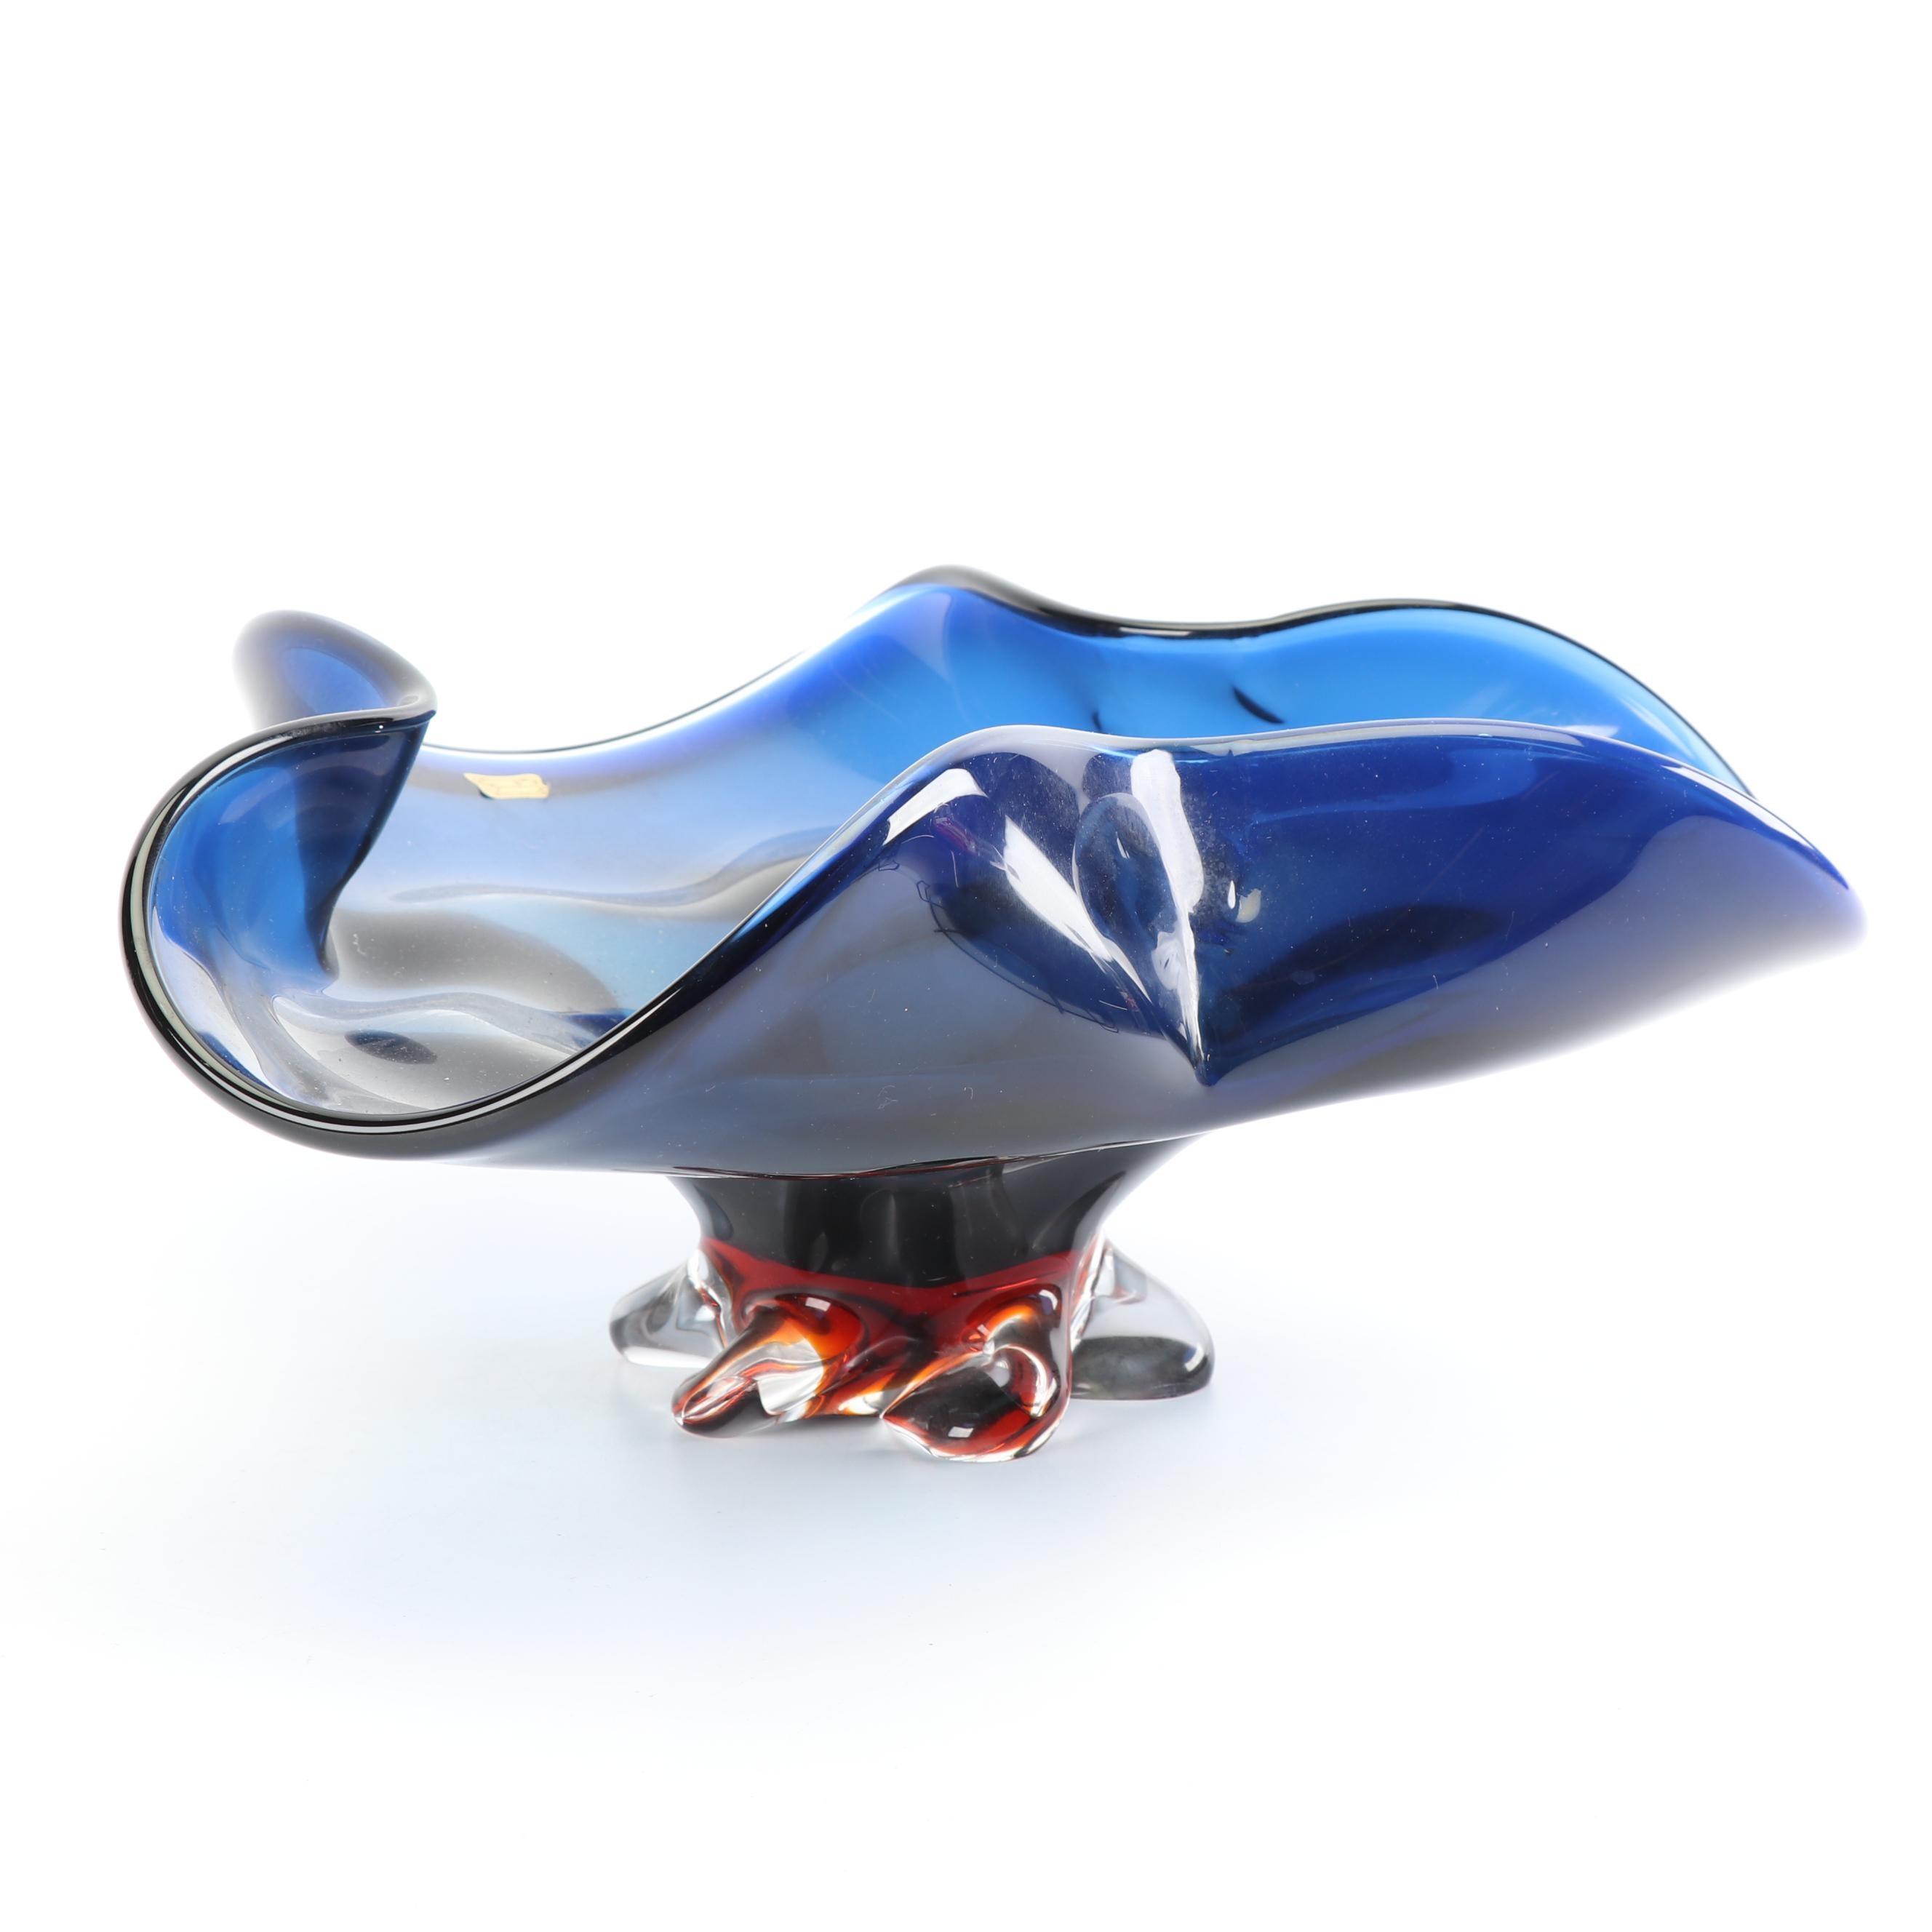 Vintage Egermann Czech Republic Art Glass Compote